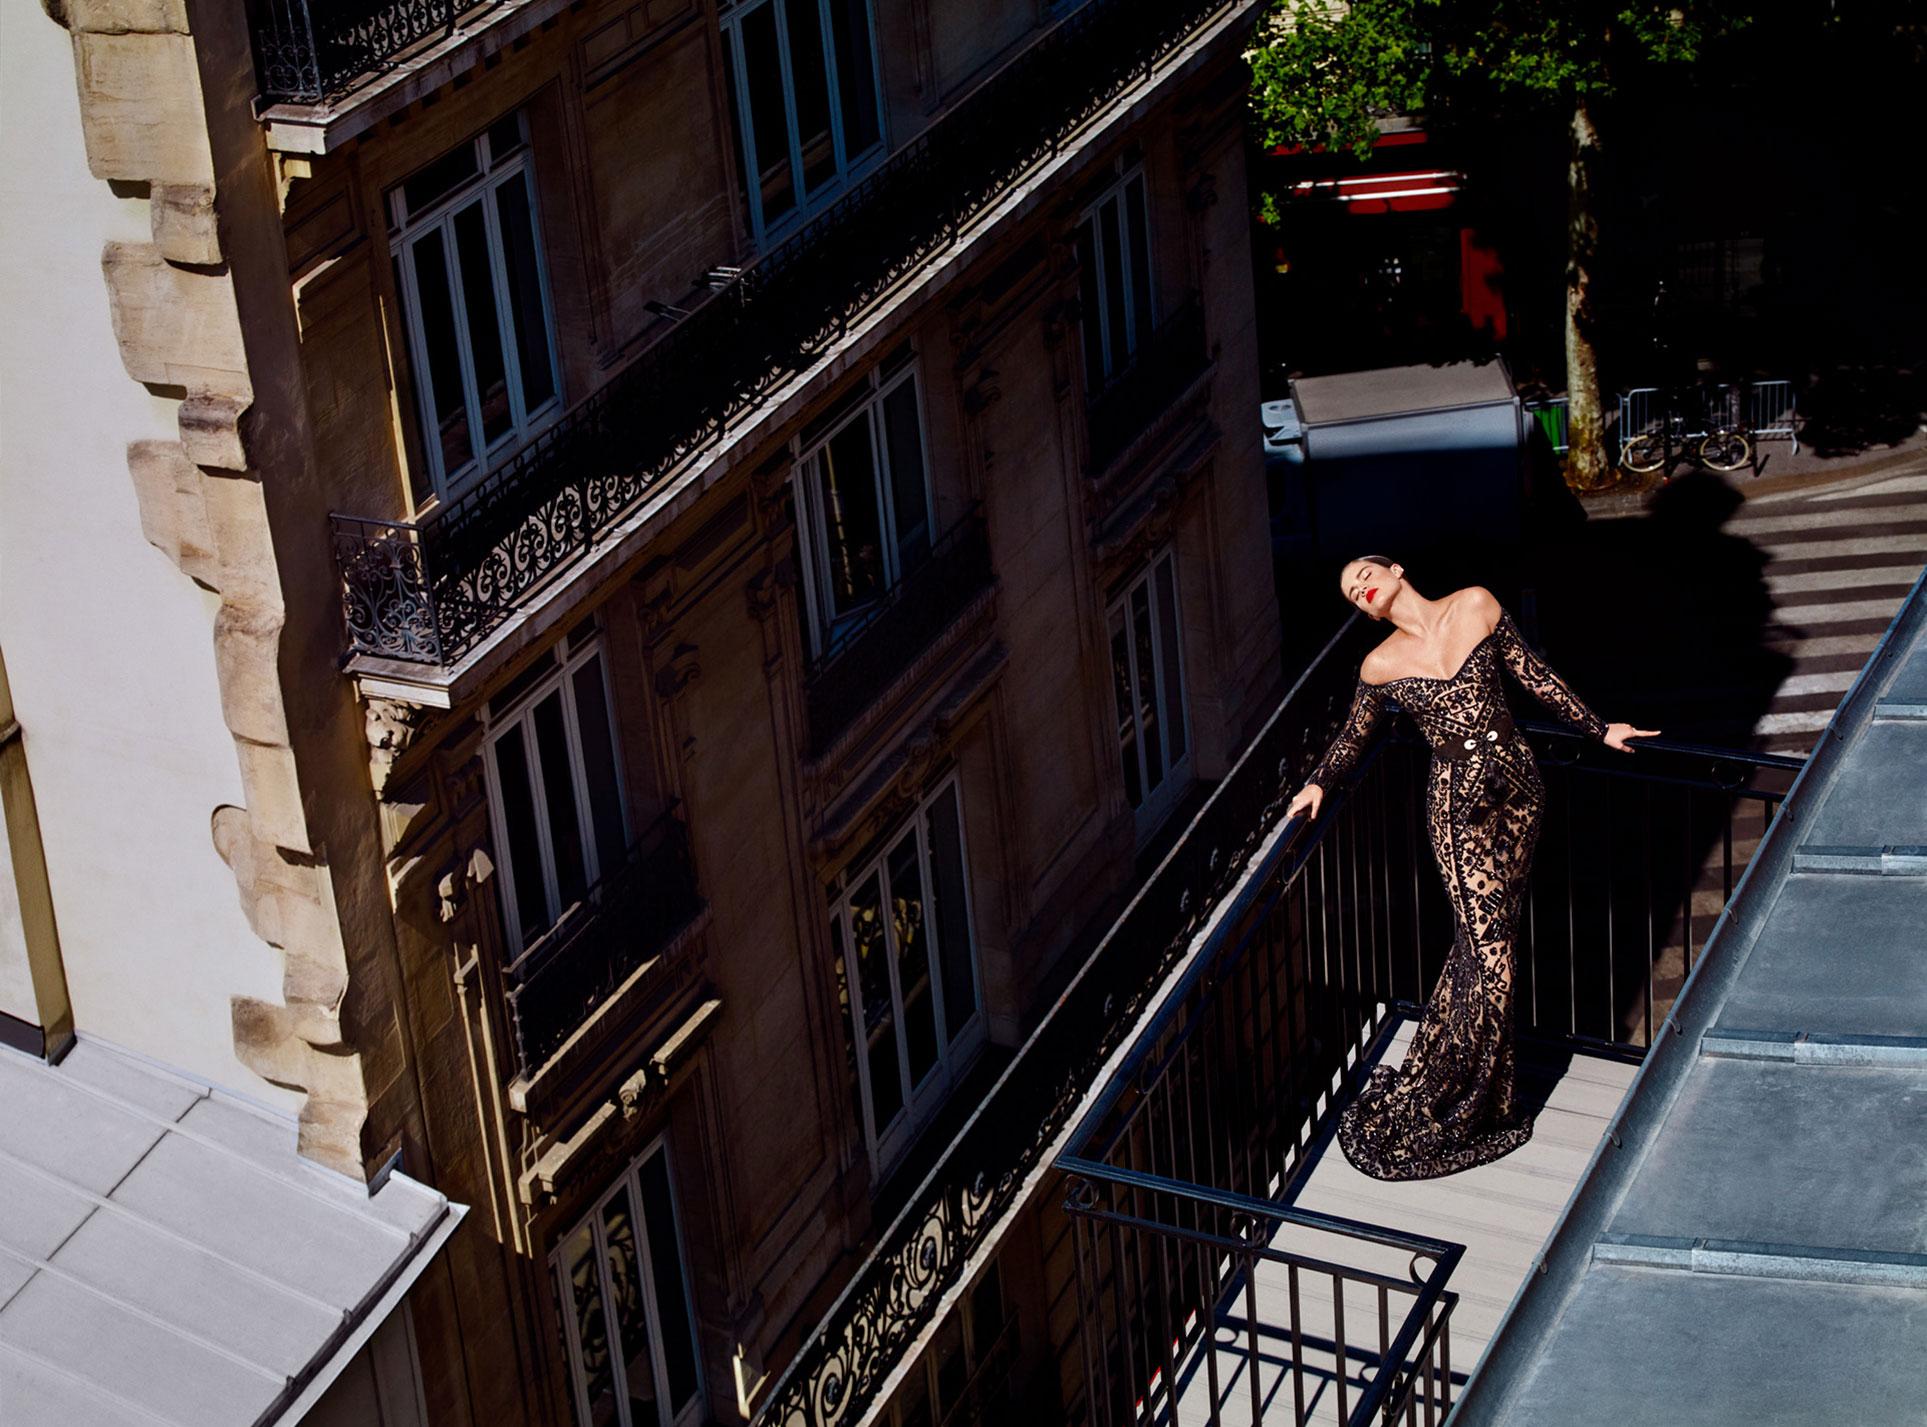 Сара Сампайо демонстрирует модные наряды на улицах и балконах Парижа / фото 08